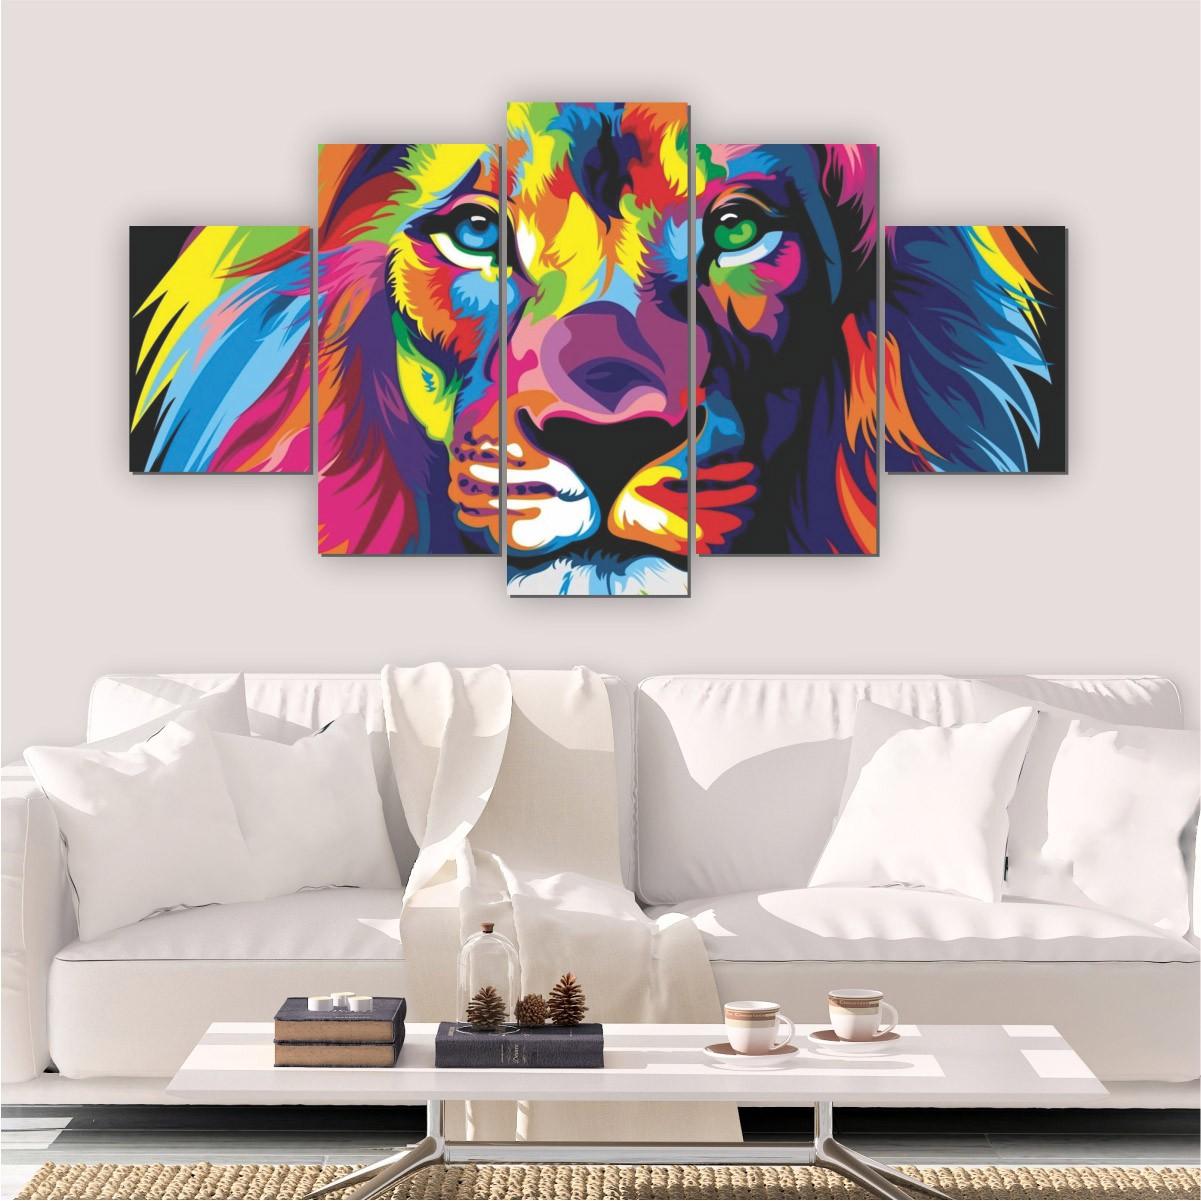 Quadros Decorativos Mosaico Sala Leão Colorido 5 peças